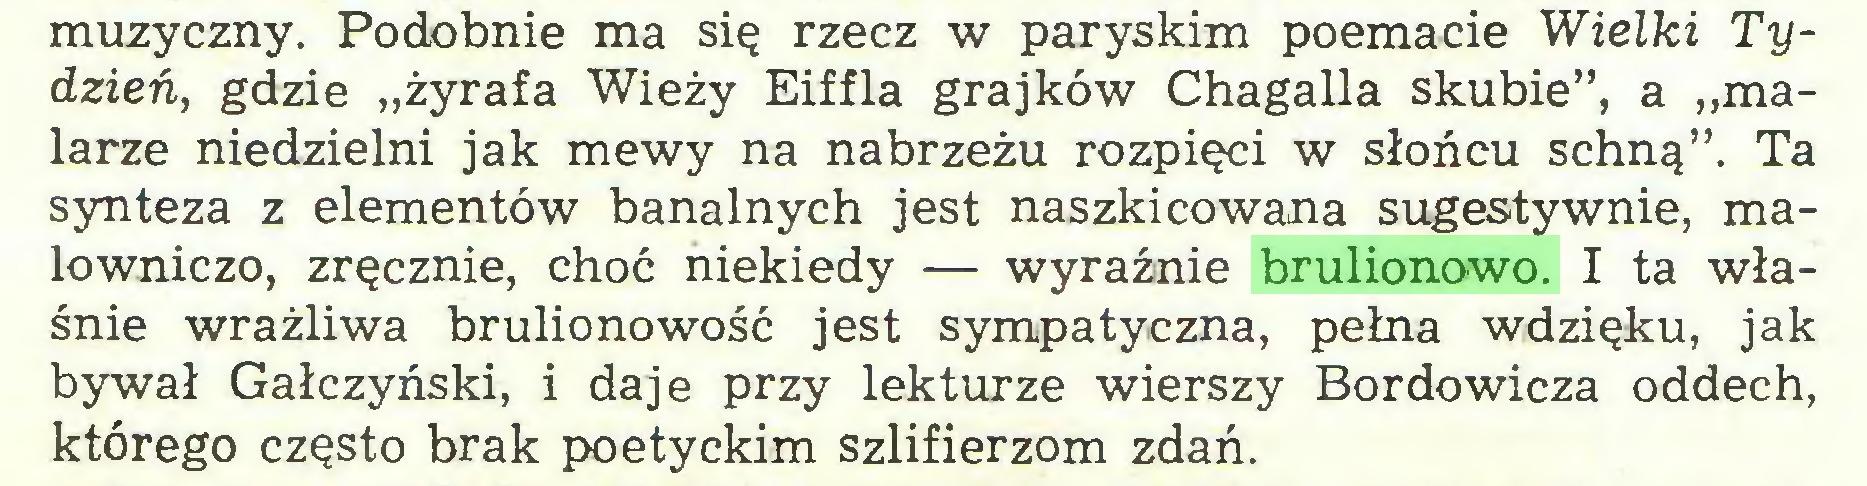 """(...) muzyczny. Podobnie ma się rzecz w paryskim poemacie Wielki Tydzień, gdzie """"żyrafa Wieży Eiffla grajków Chagalla skubie"""", a """"malarze niedzielni jak mewy na nabrzeżu rozpięci w słońcu schną"""". Ta synteza z elementów banalnych jest naszkicowana sugestywnie, malowniczo, zręcznie, choć niekiedy — wyraźnie brulionowo. I ta właśnie wrażliwa brulionowość jest sympatyczna, pełna wdzięku, jak bywał Gałczyński, i daje przy lekturze wierszy Bordowicza oddech, którego często brak poetyckim szlifierzom zdań..."""